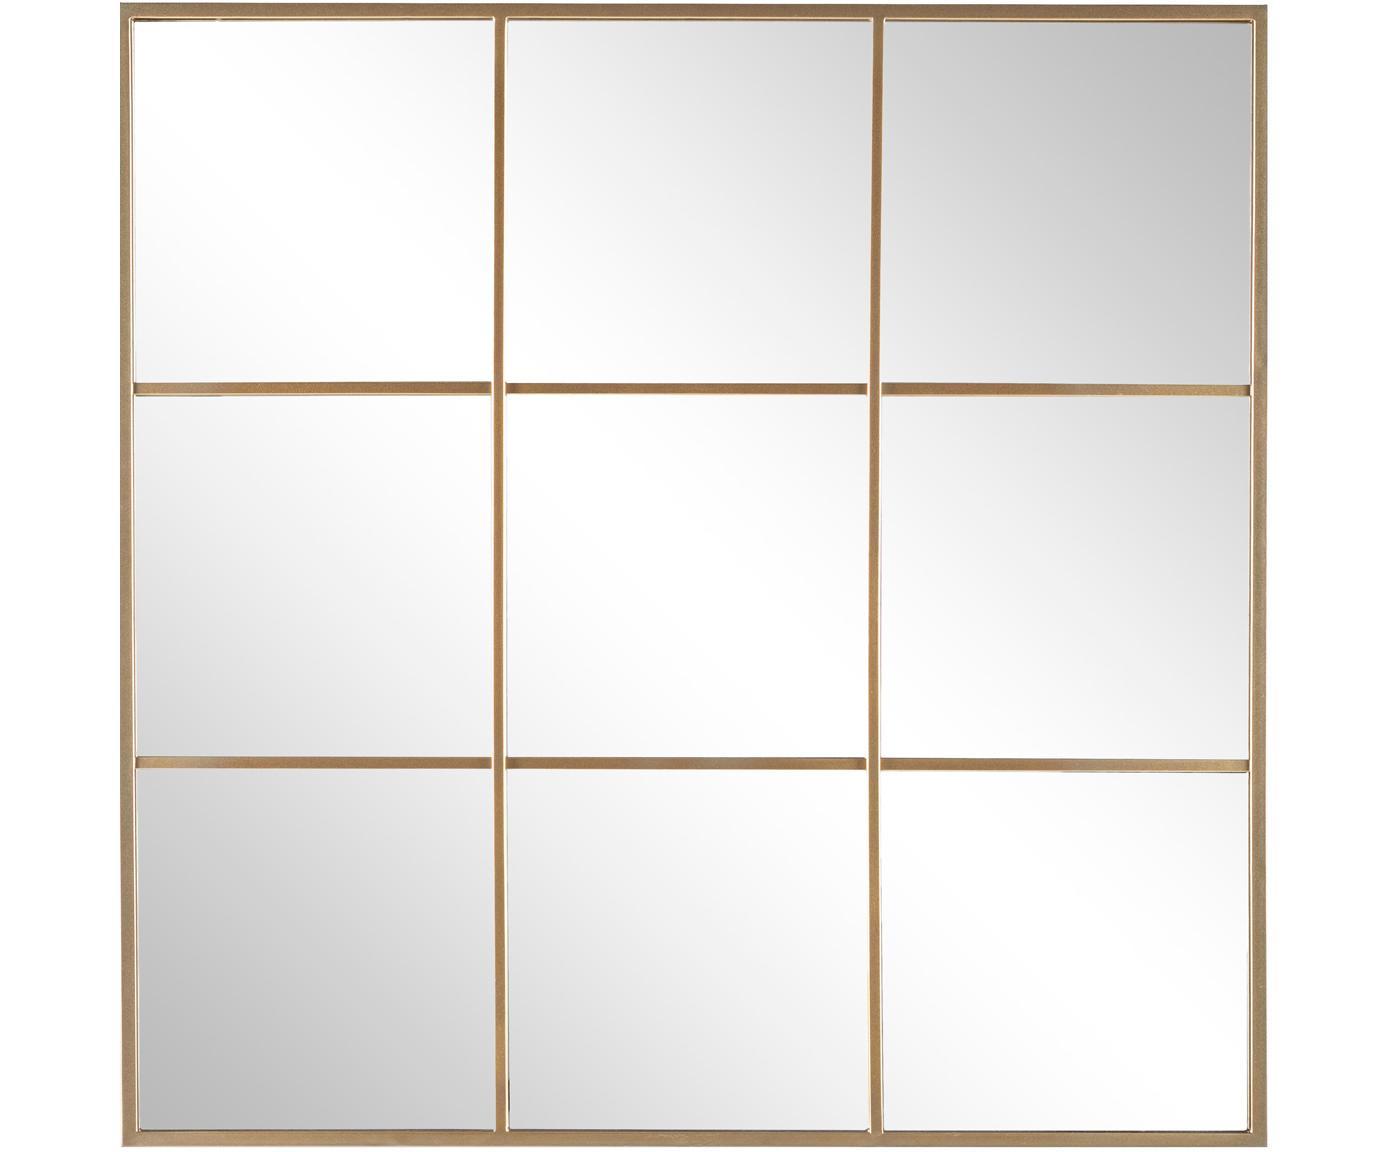 Wandspiegel Nucleos met goudkleurige metalen flijst, Lijst: gecoat metaal, Goudkleurig, 90 x 90 cm